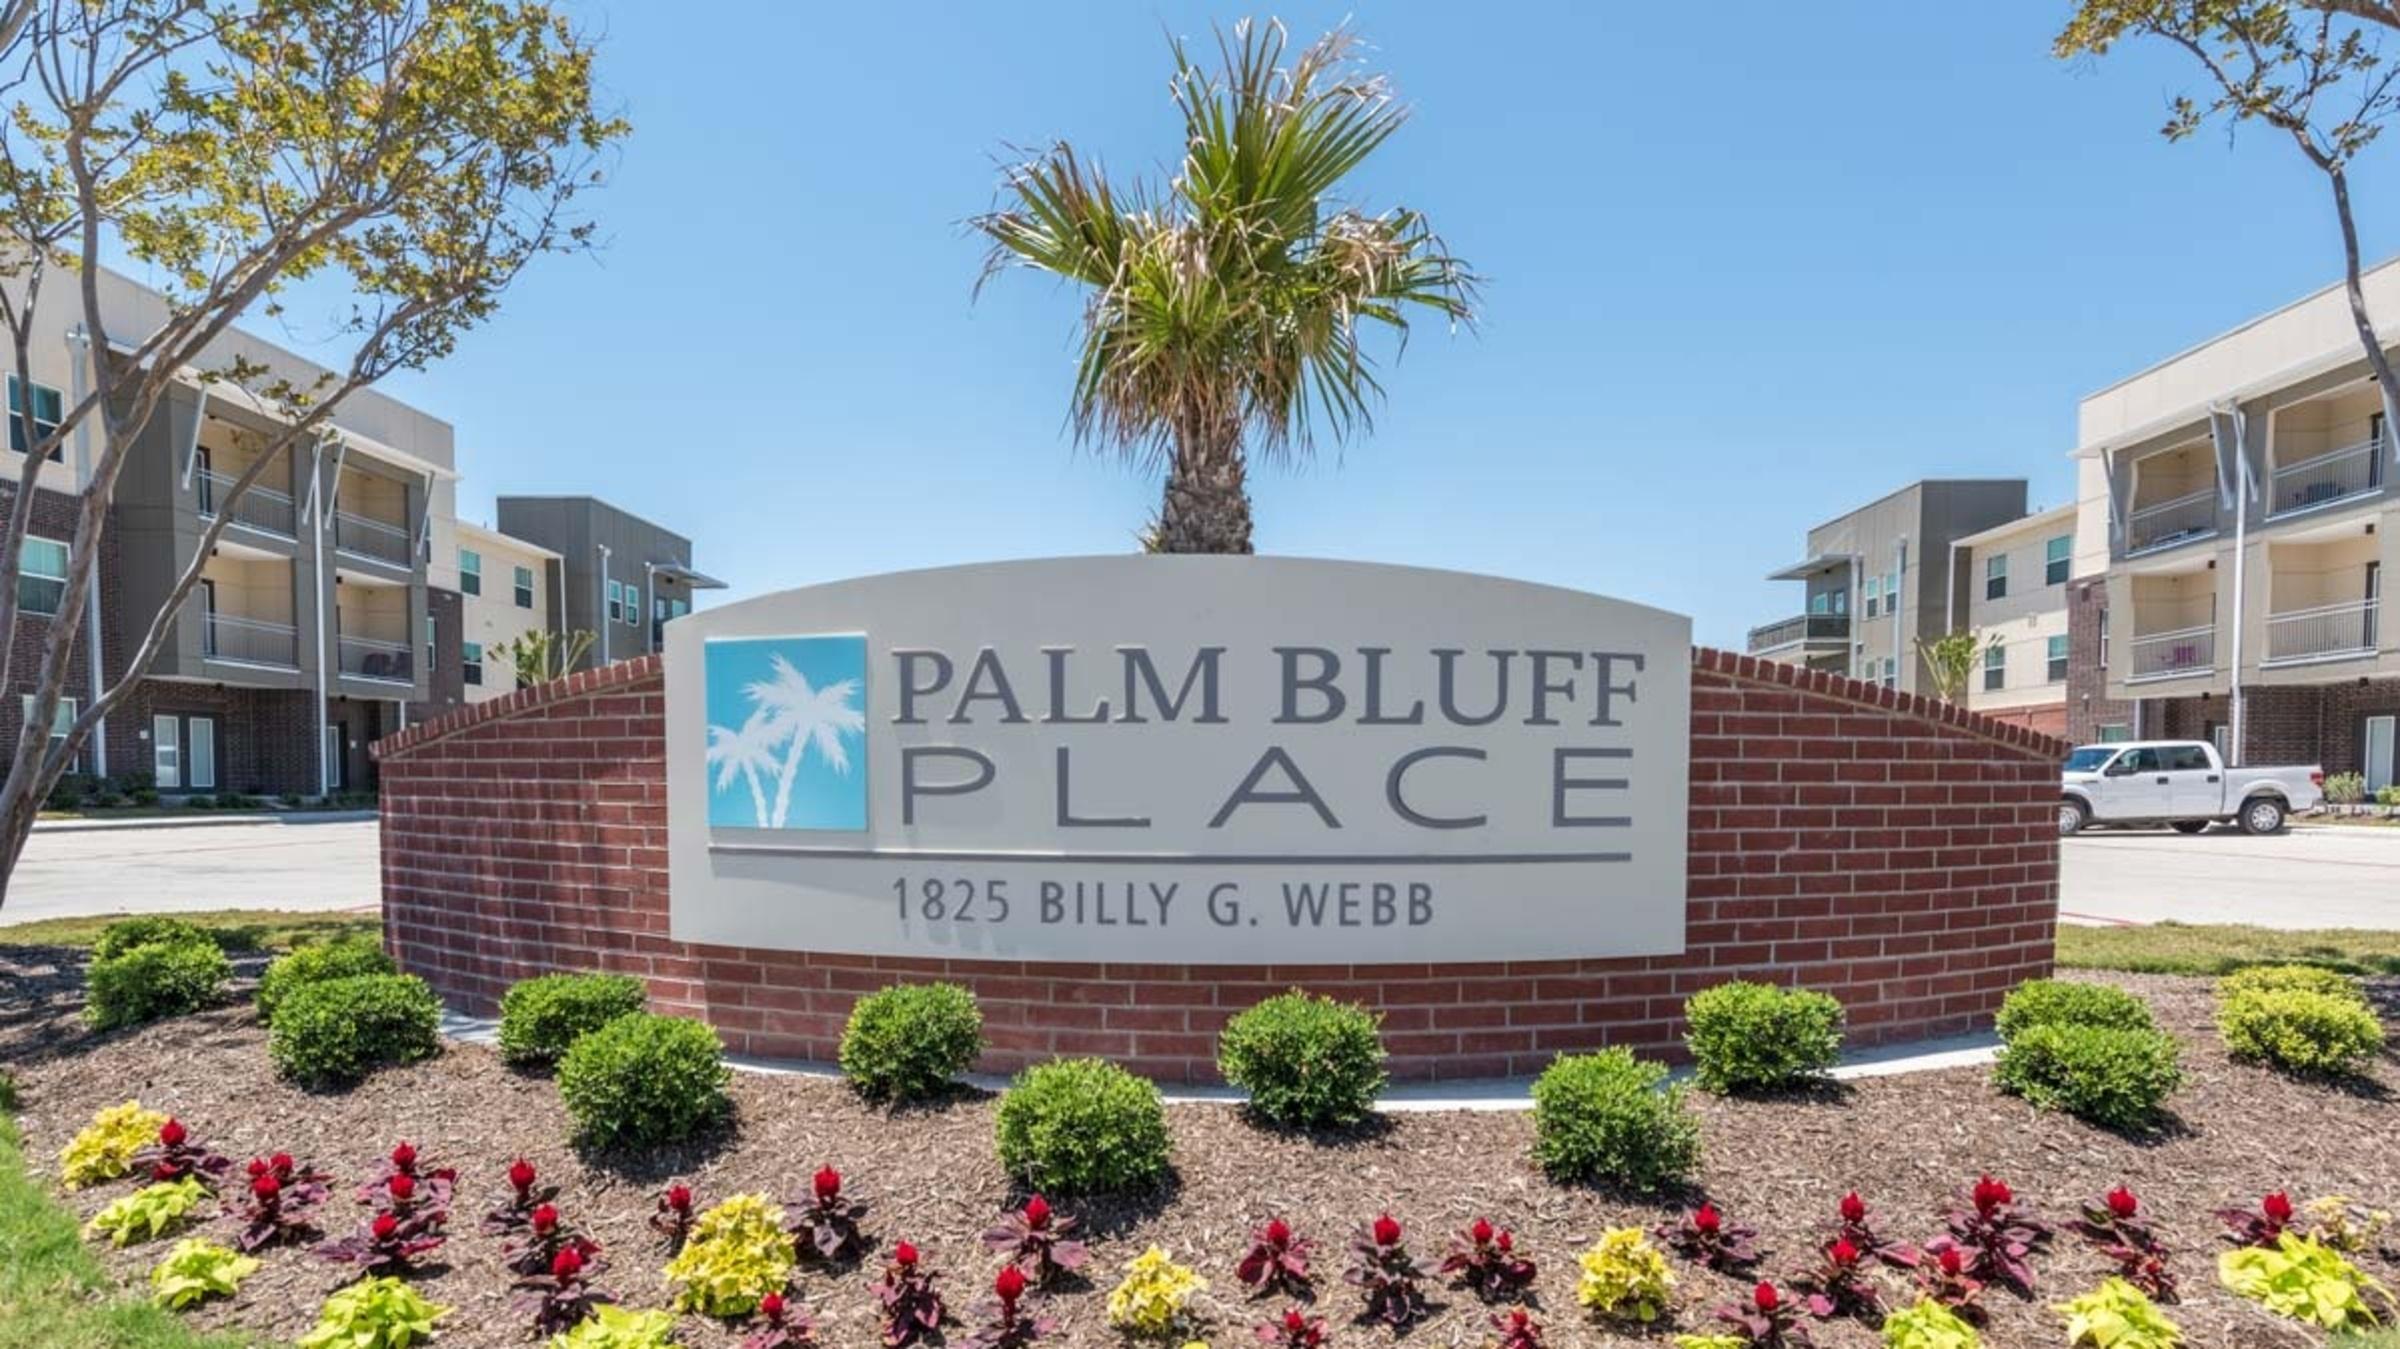 Palm Bluff Place 3206